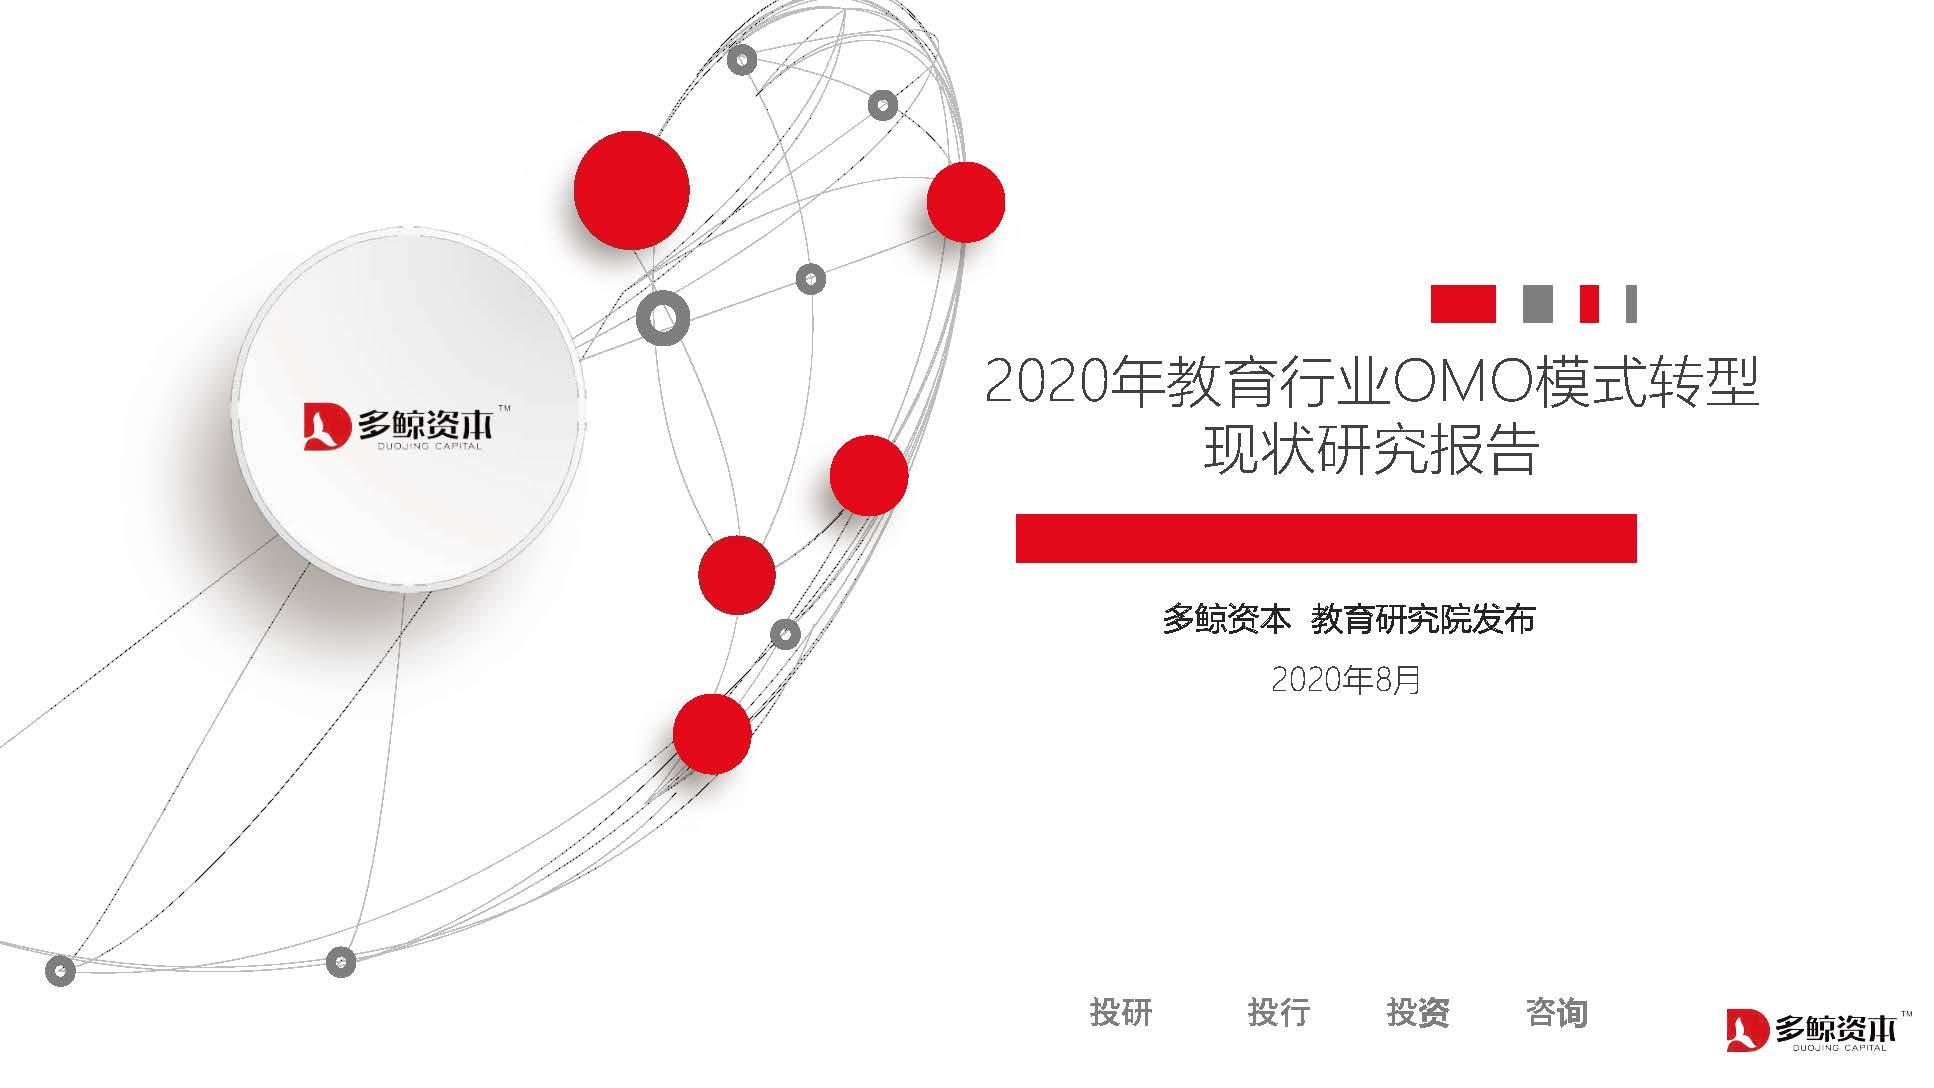 多鲸资本:2020年教育行业OMO模式转型现状研究报告(附下载)